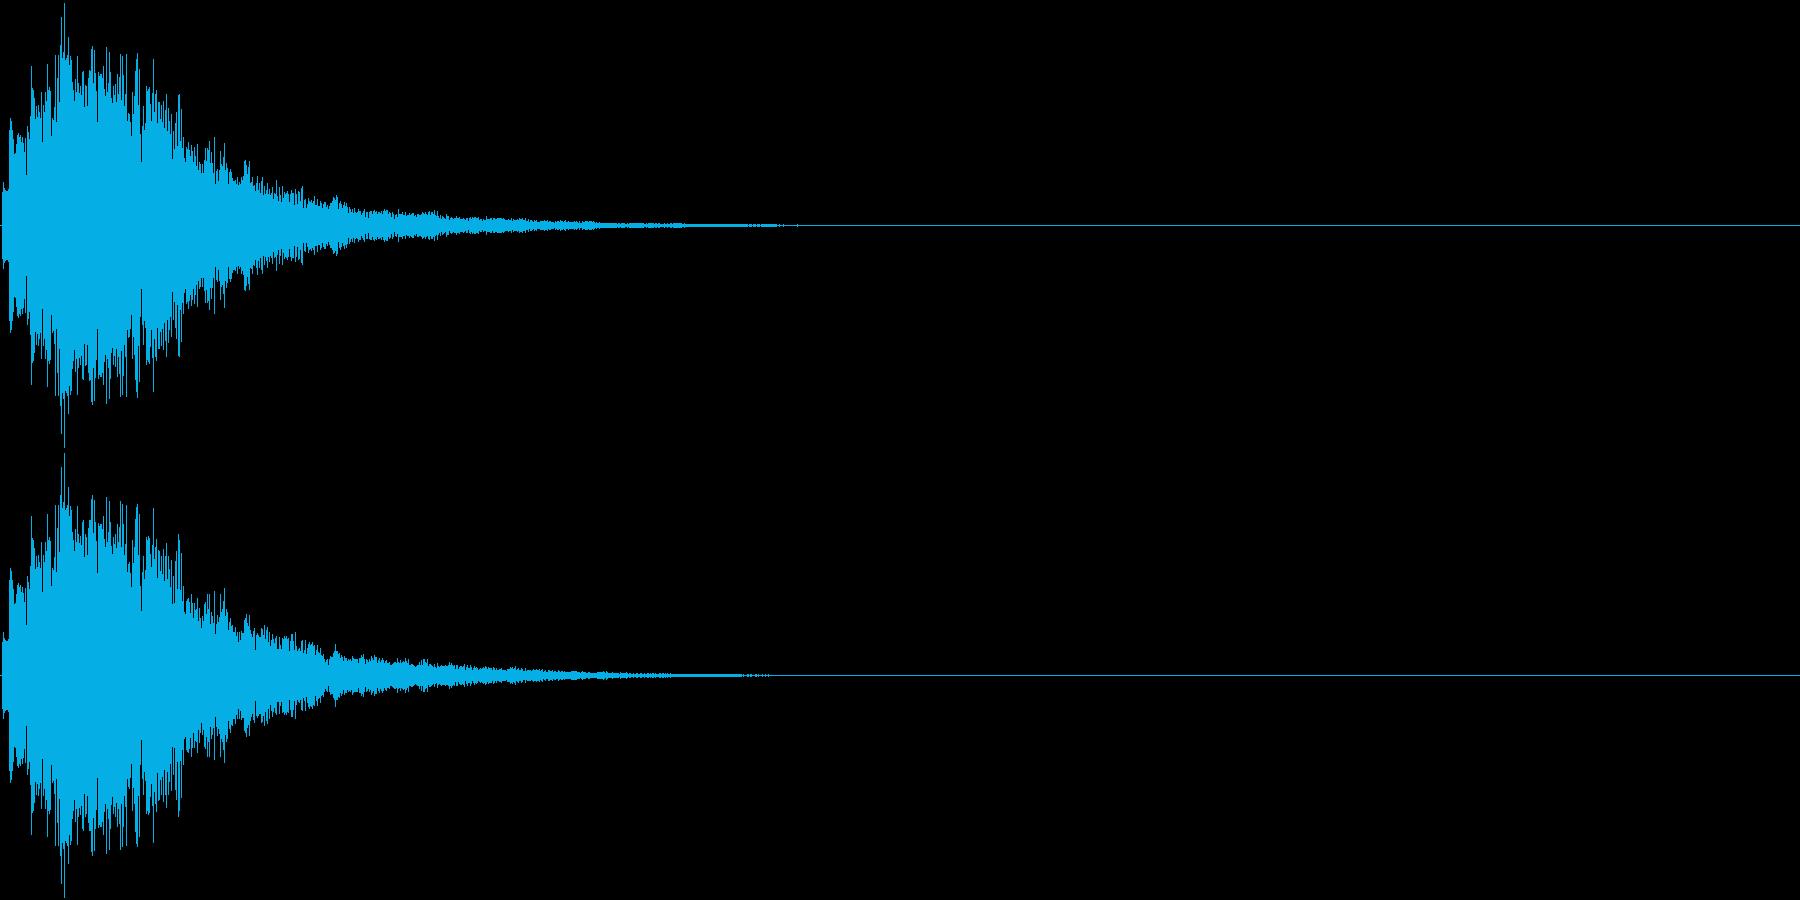 ひらめき 獲得 ゲット 入手 キラリン5の再生済みの波形